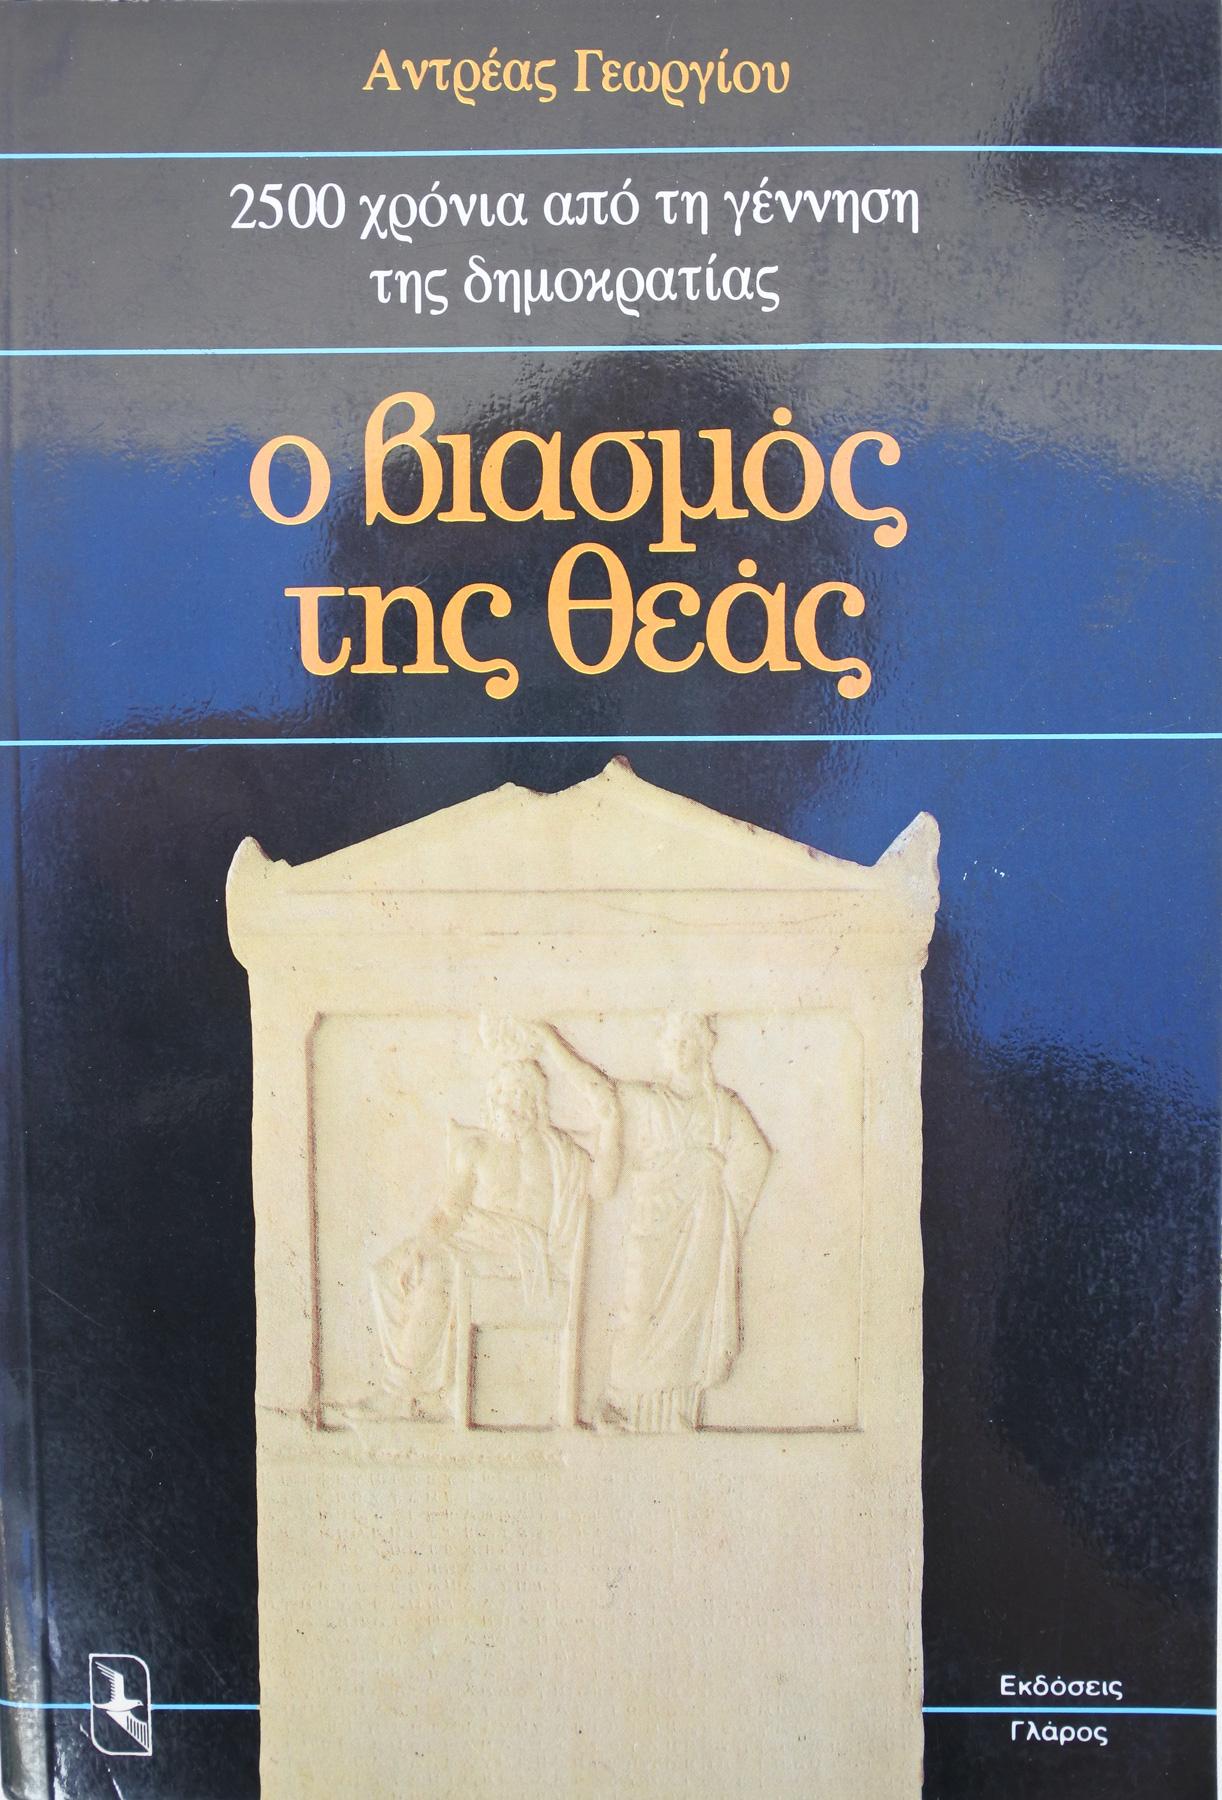 Ο βιασμός της Θεάς (1992) - Αντρέας Γεωργίου Ξυφτίλης